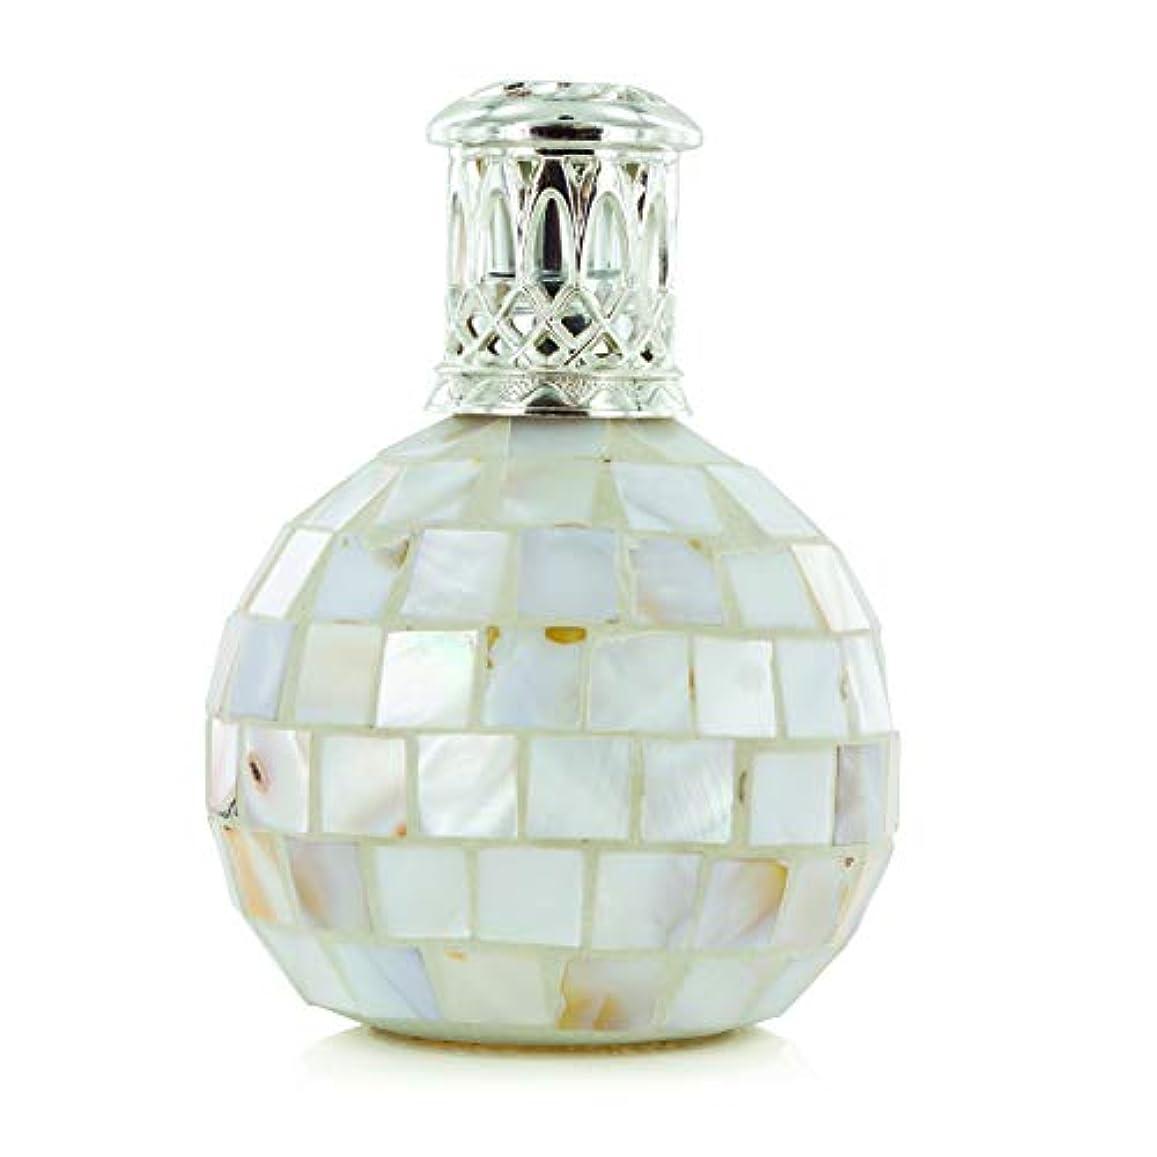 Ashleigh&Burwood フレグランスランプ S リトルオーシャン FragranceLamps sizeS LittleOcean アシュレイ&バーウッド